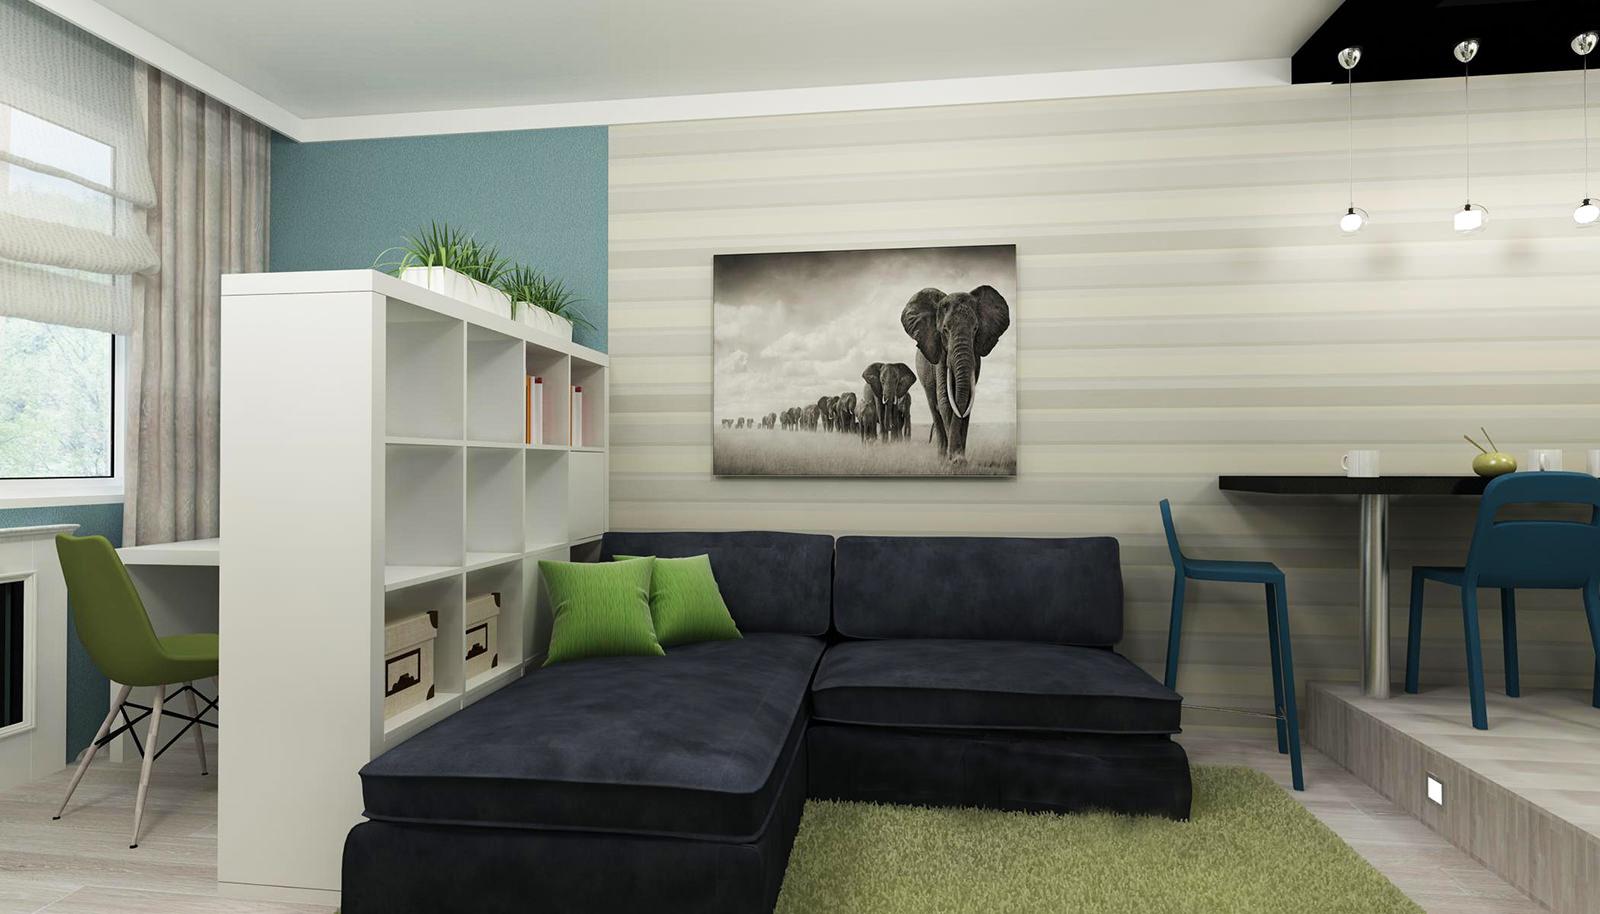 Интерьер дизайн маленькой квартир кухня студия фото 431